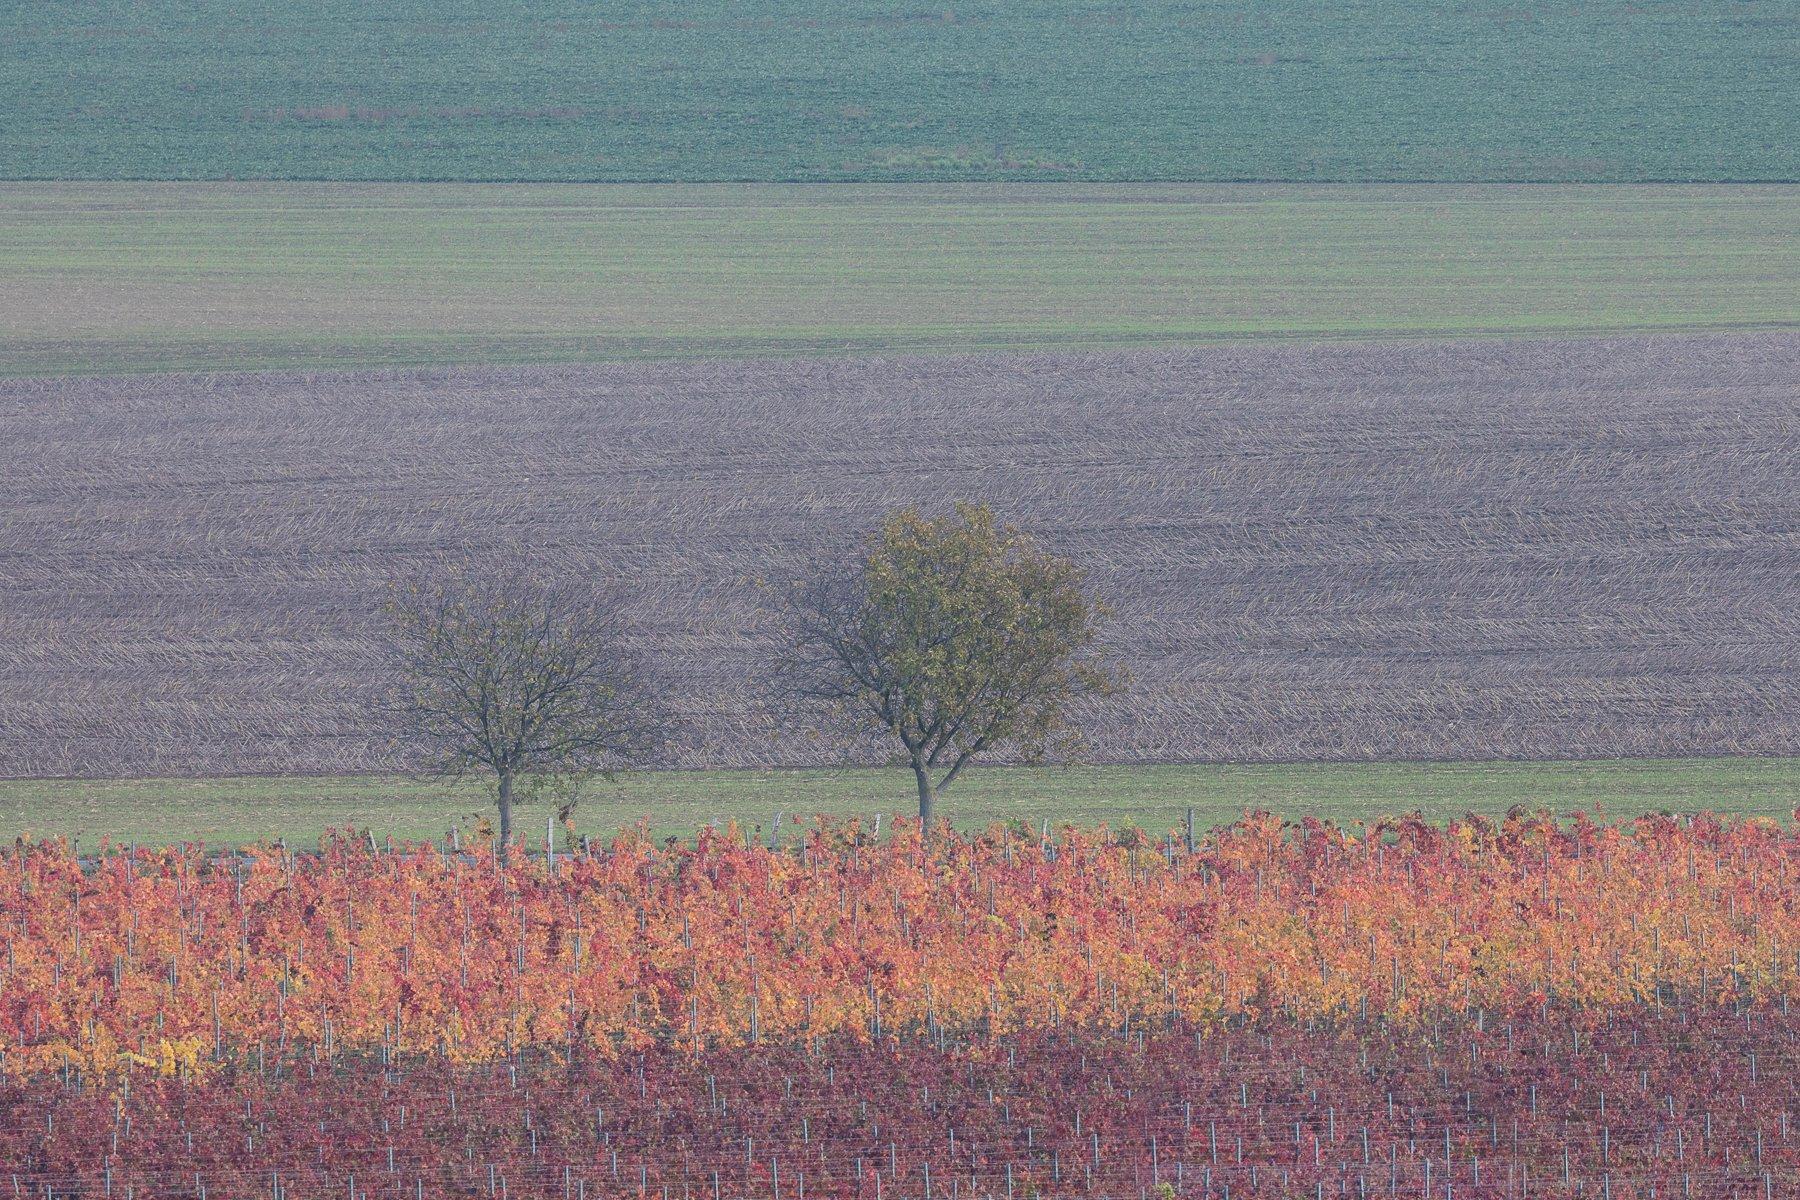 южная моравия, виноград, осень, Marina Malikova